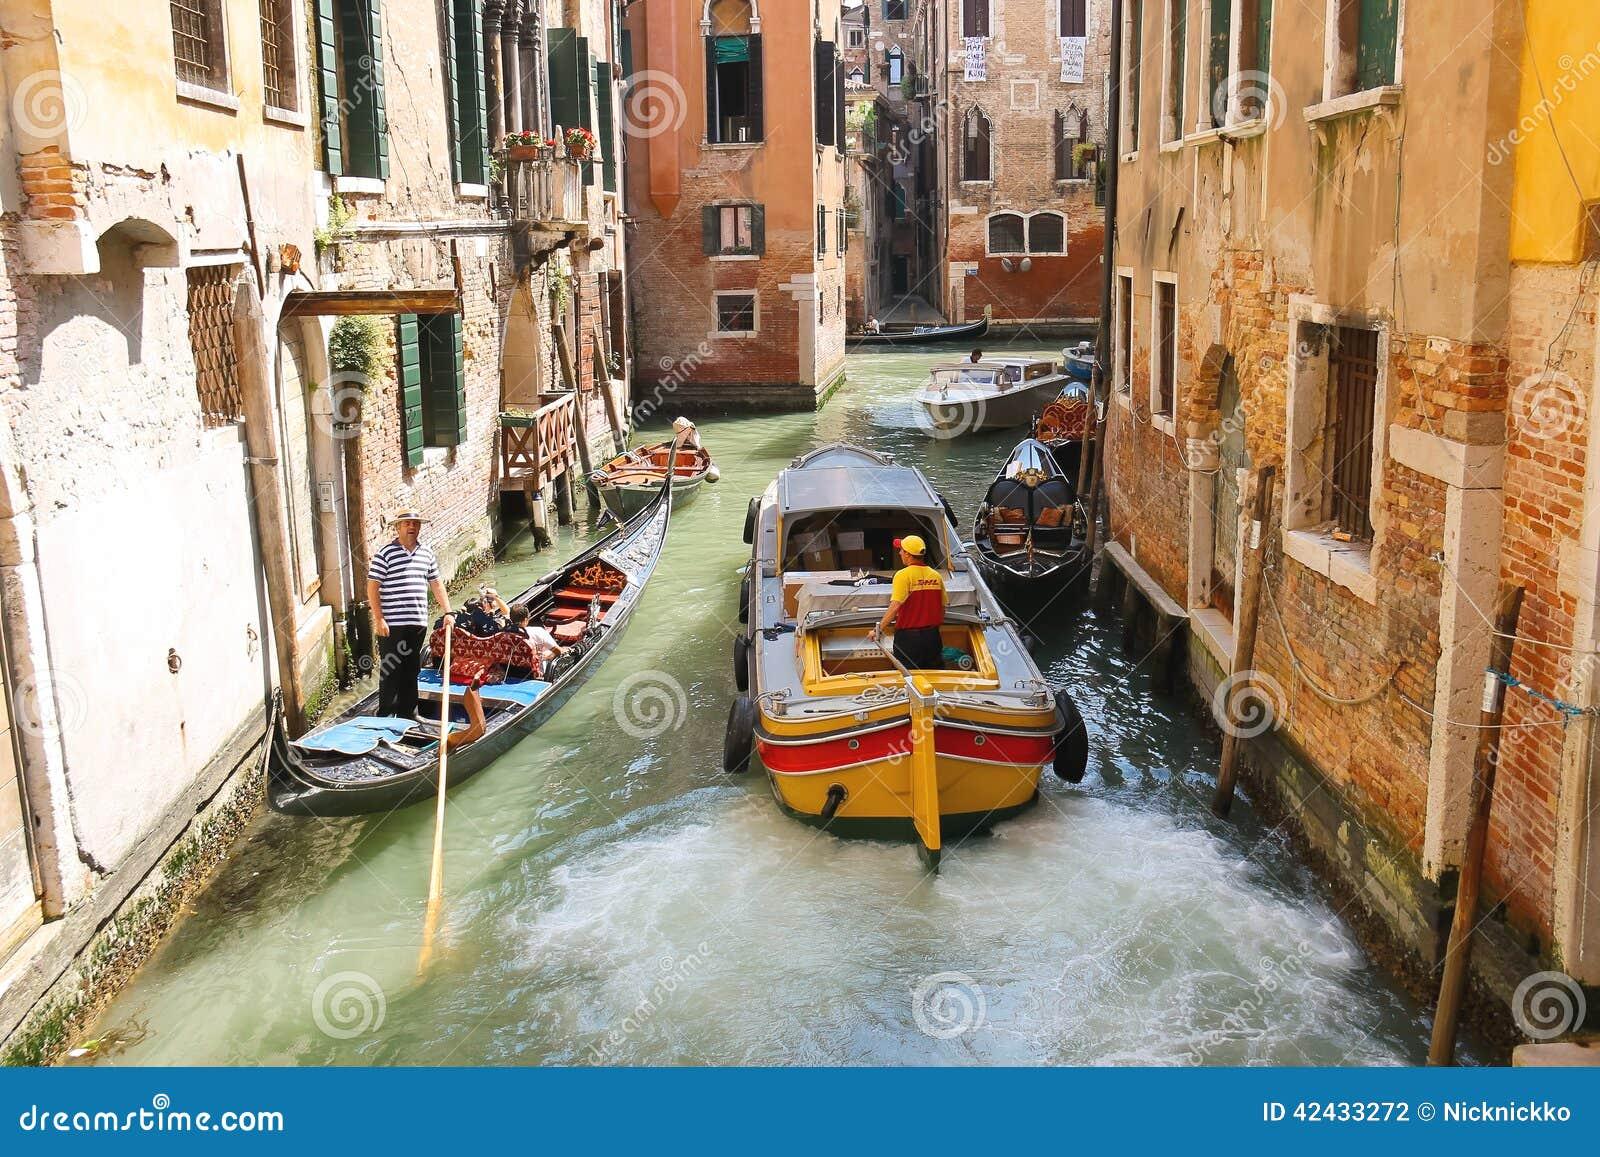 La gente en barcos se mueve a lo largo de un canal en Venecia, Italia